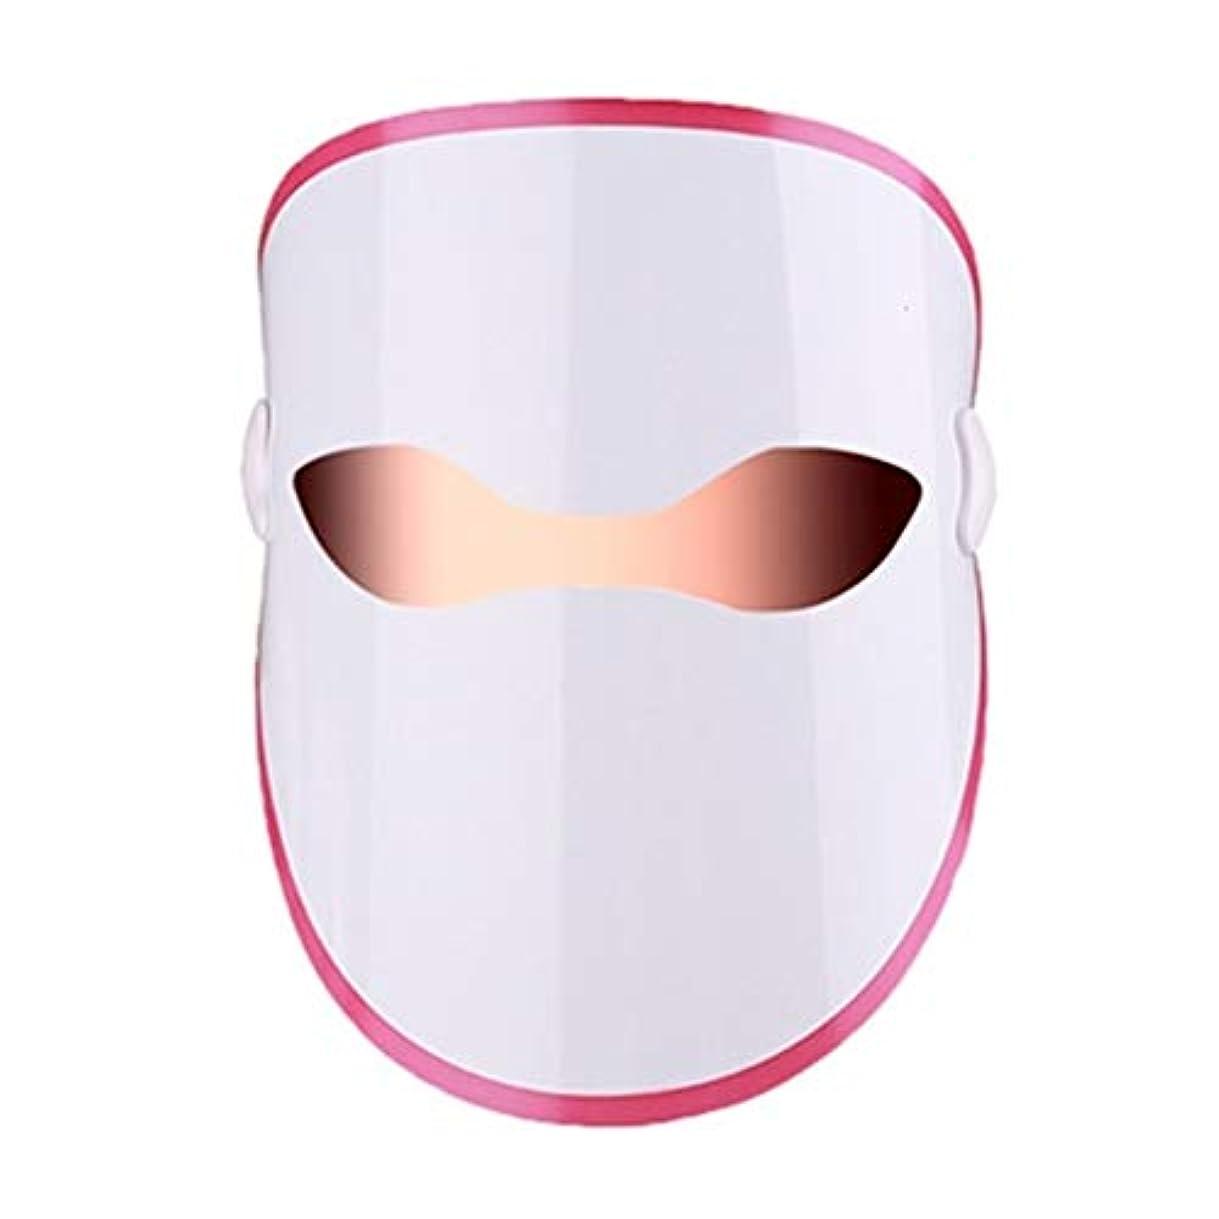 略語ペパーミントシールド光療法フェイスマスク、3色光治療にきびスポットしわそばかす除去顔の美白肌の若返りアンチエイジング毎日美容スキンケアマスク